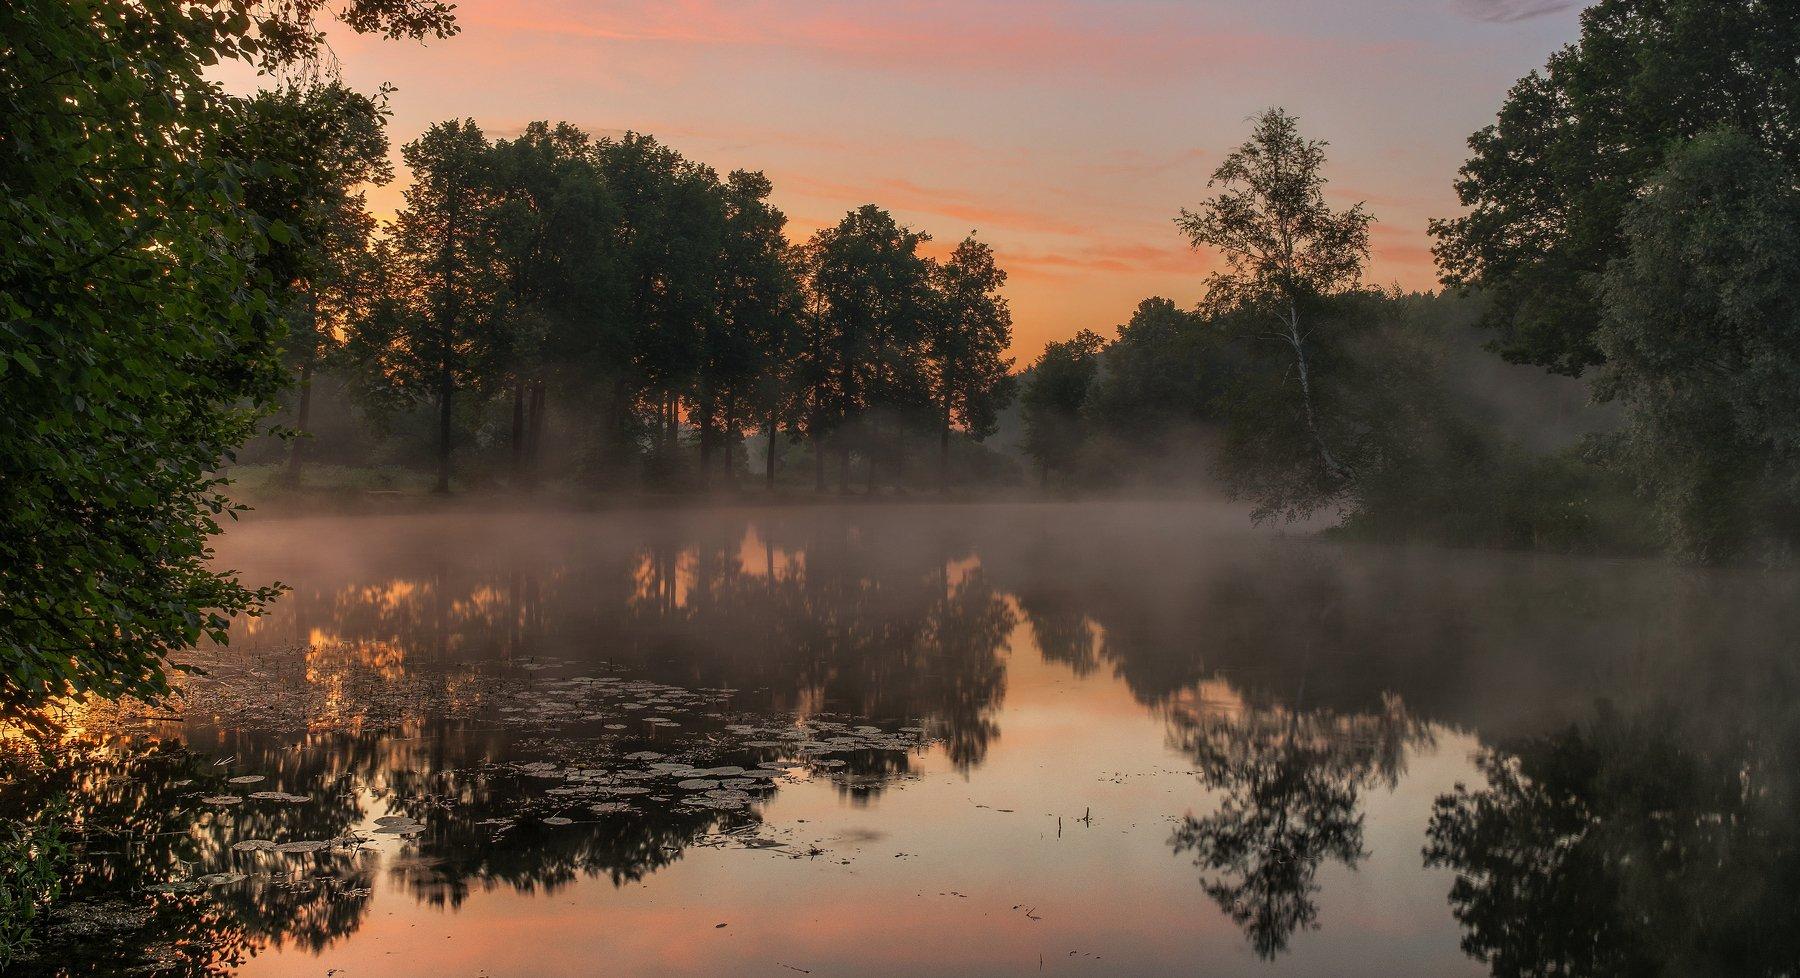 середниково, усадьба, подмосковье, пейзаж, утро, рассвет, туман, пруд, Сергей Давыдов